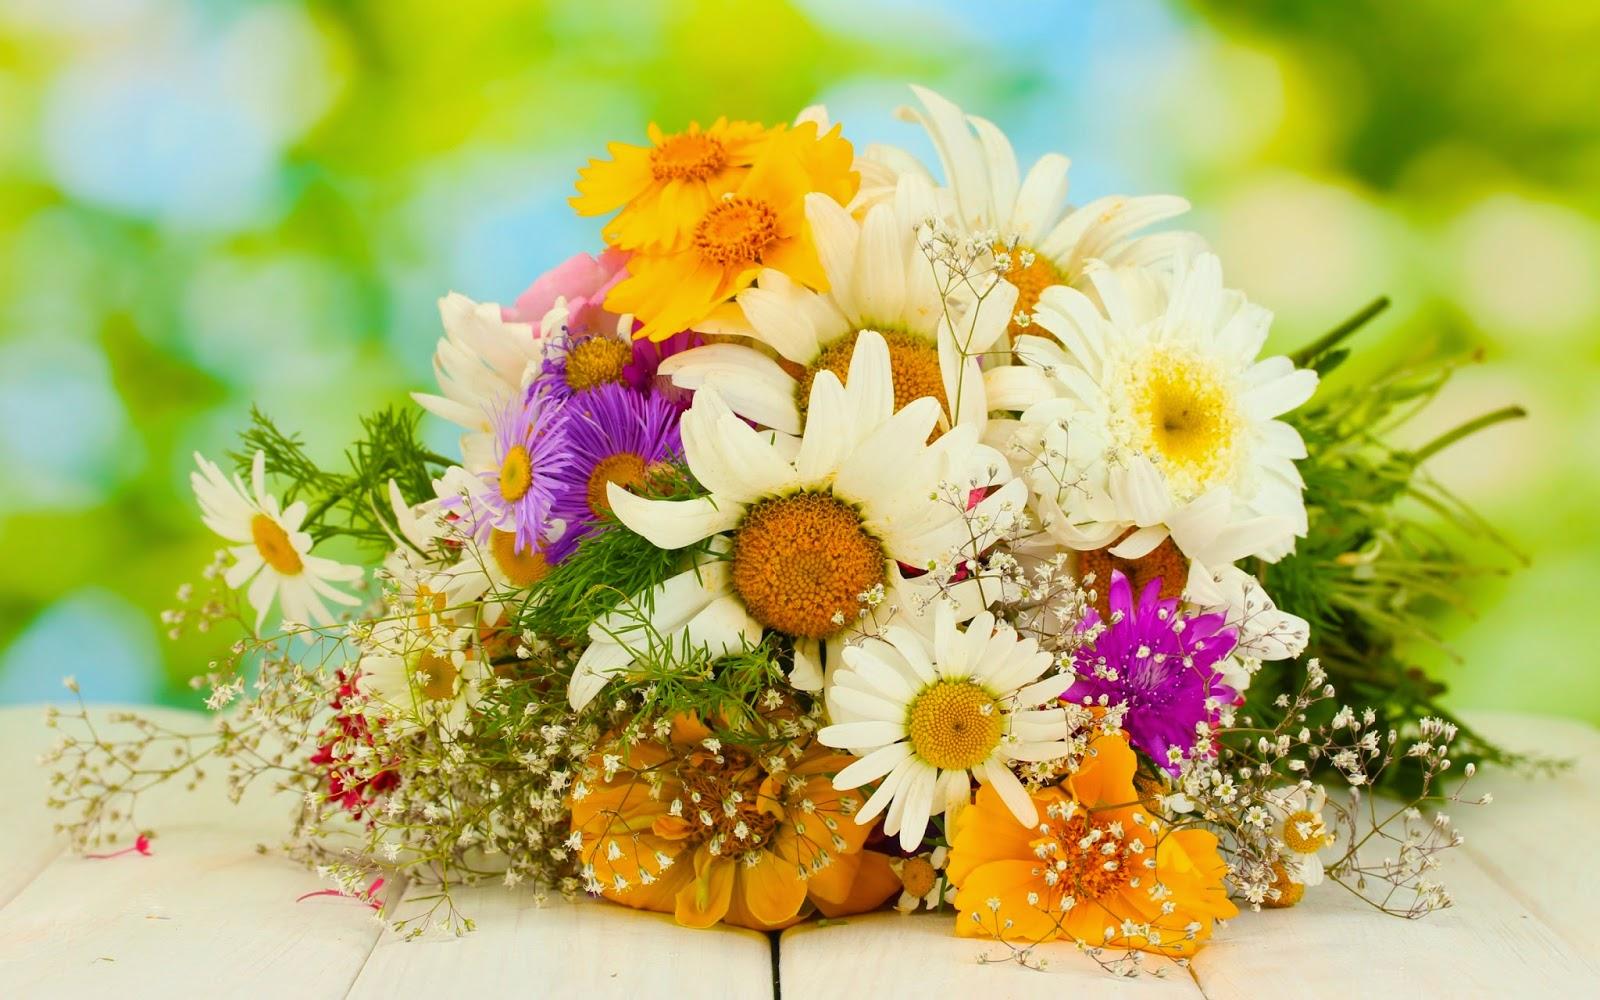 Día de la madre - Regala flores